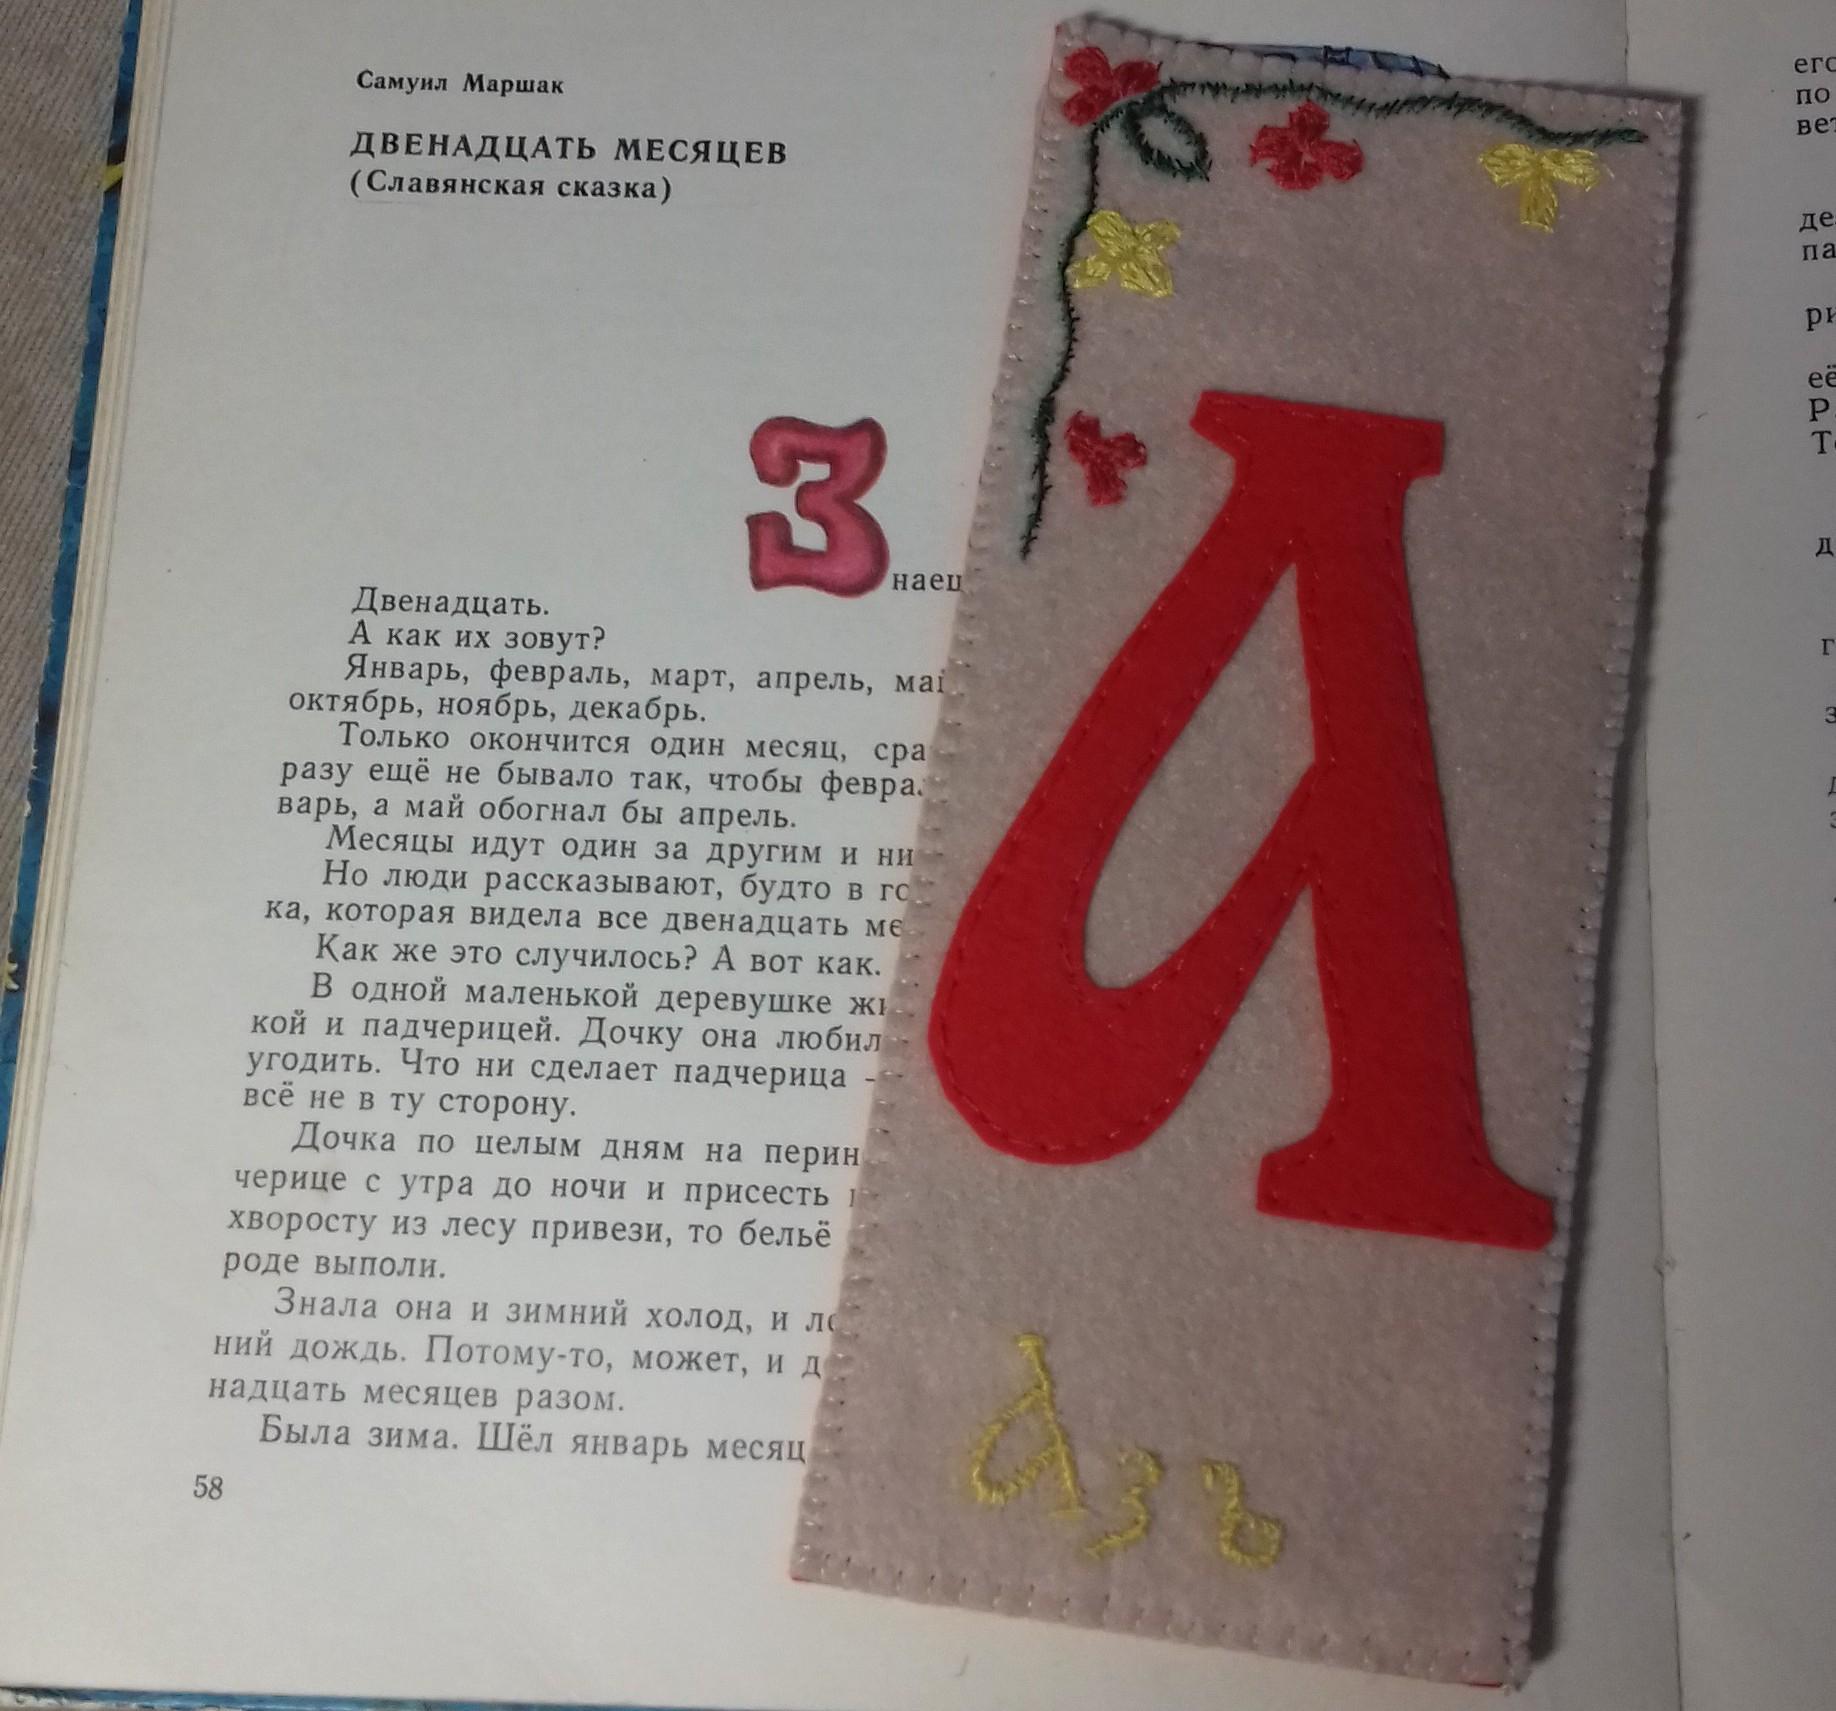 Видеозапись мастер-класса «Закладка для книги»